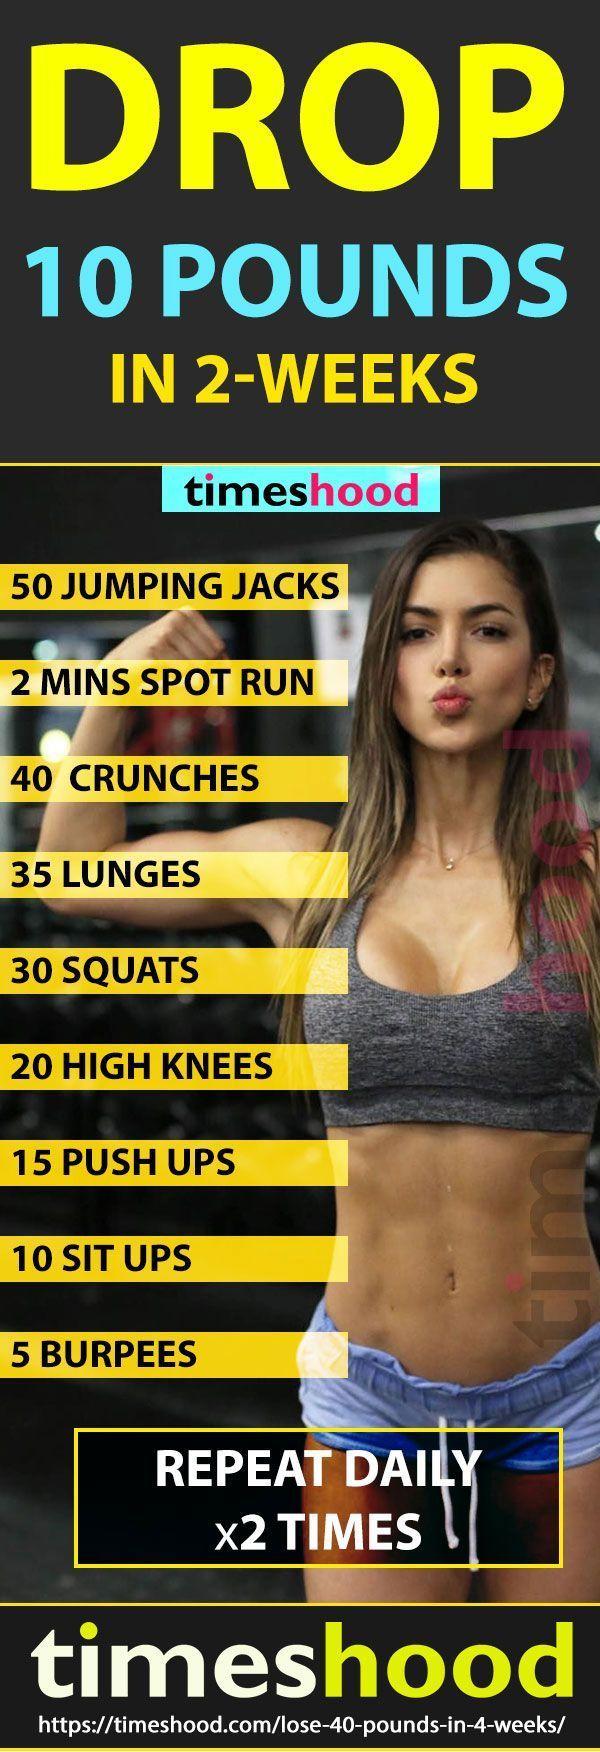 24-Stunden-Plan, um bis zu 40 Pfund in 4 Wochen zu verlieren #weighttraining